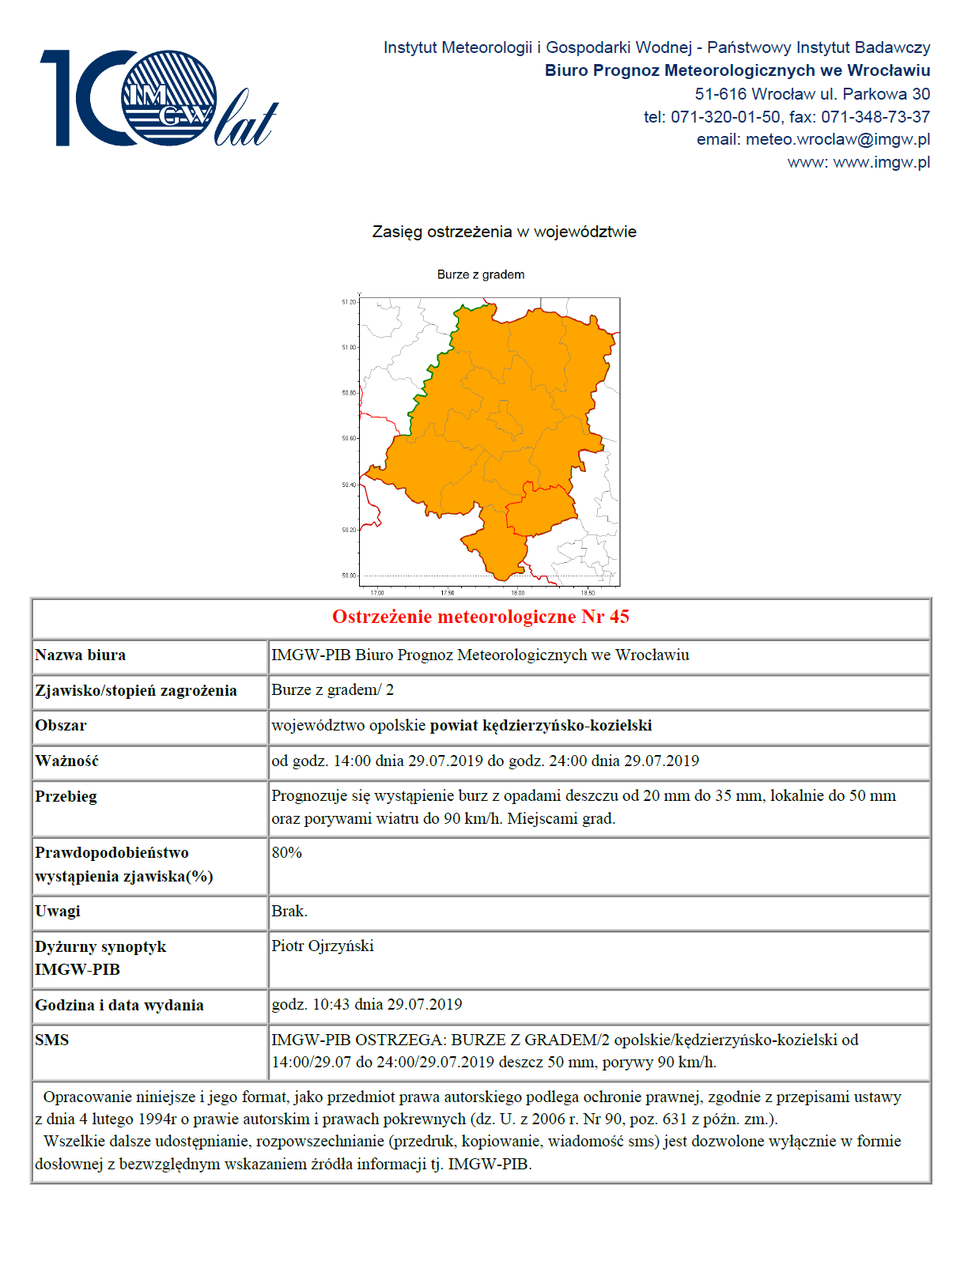 Ostrzeżenie meteorologiczne nr 45 z 29.07.2019.png